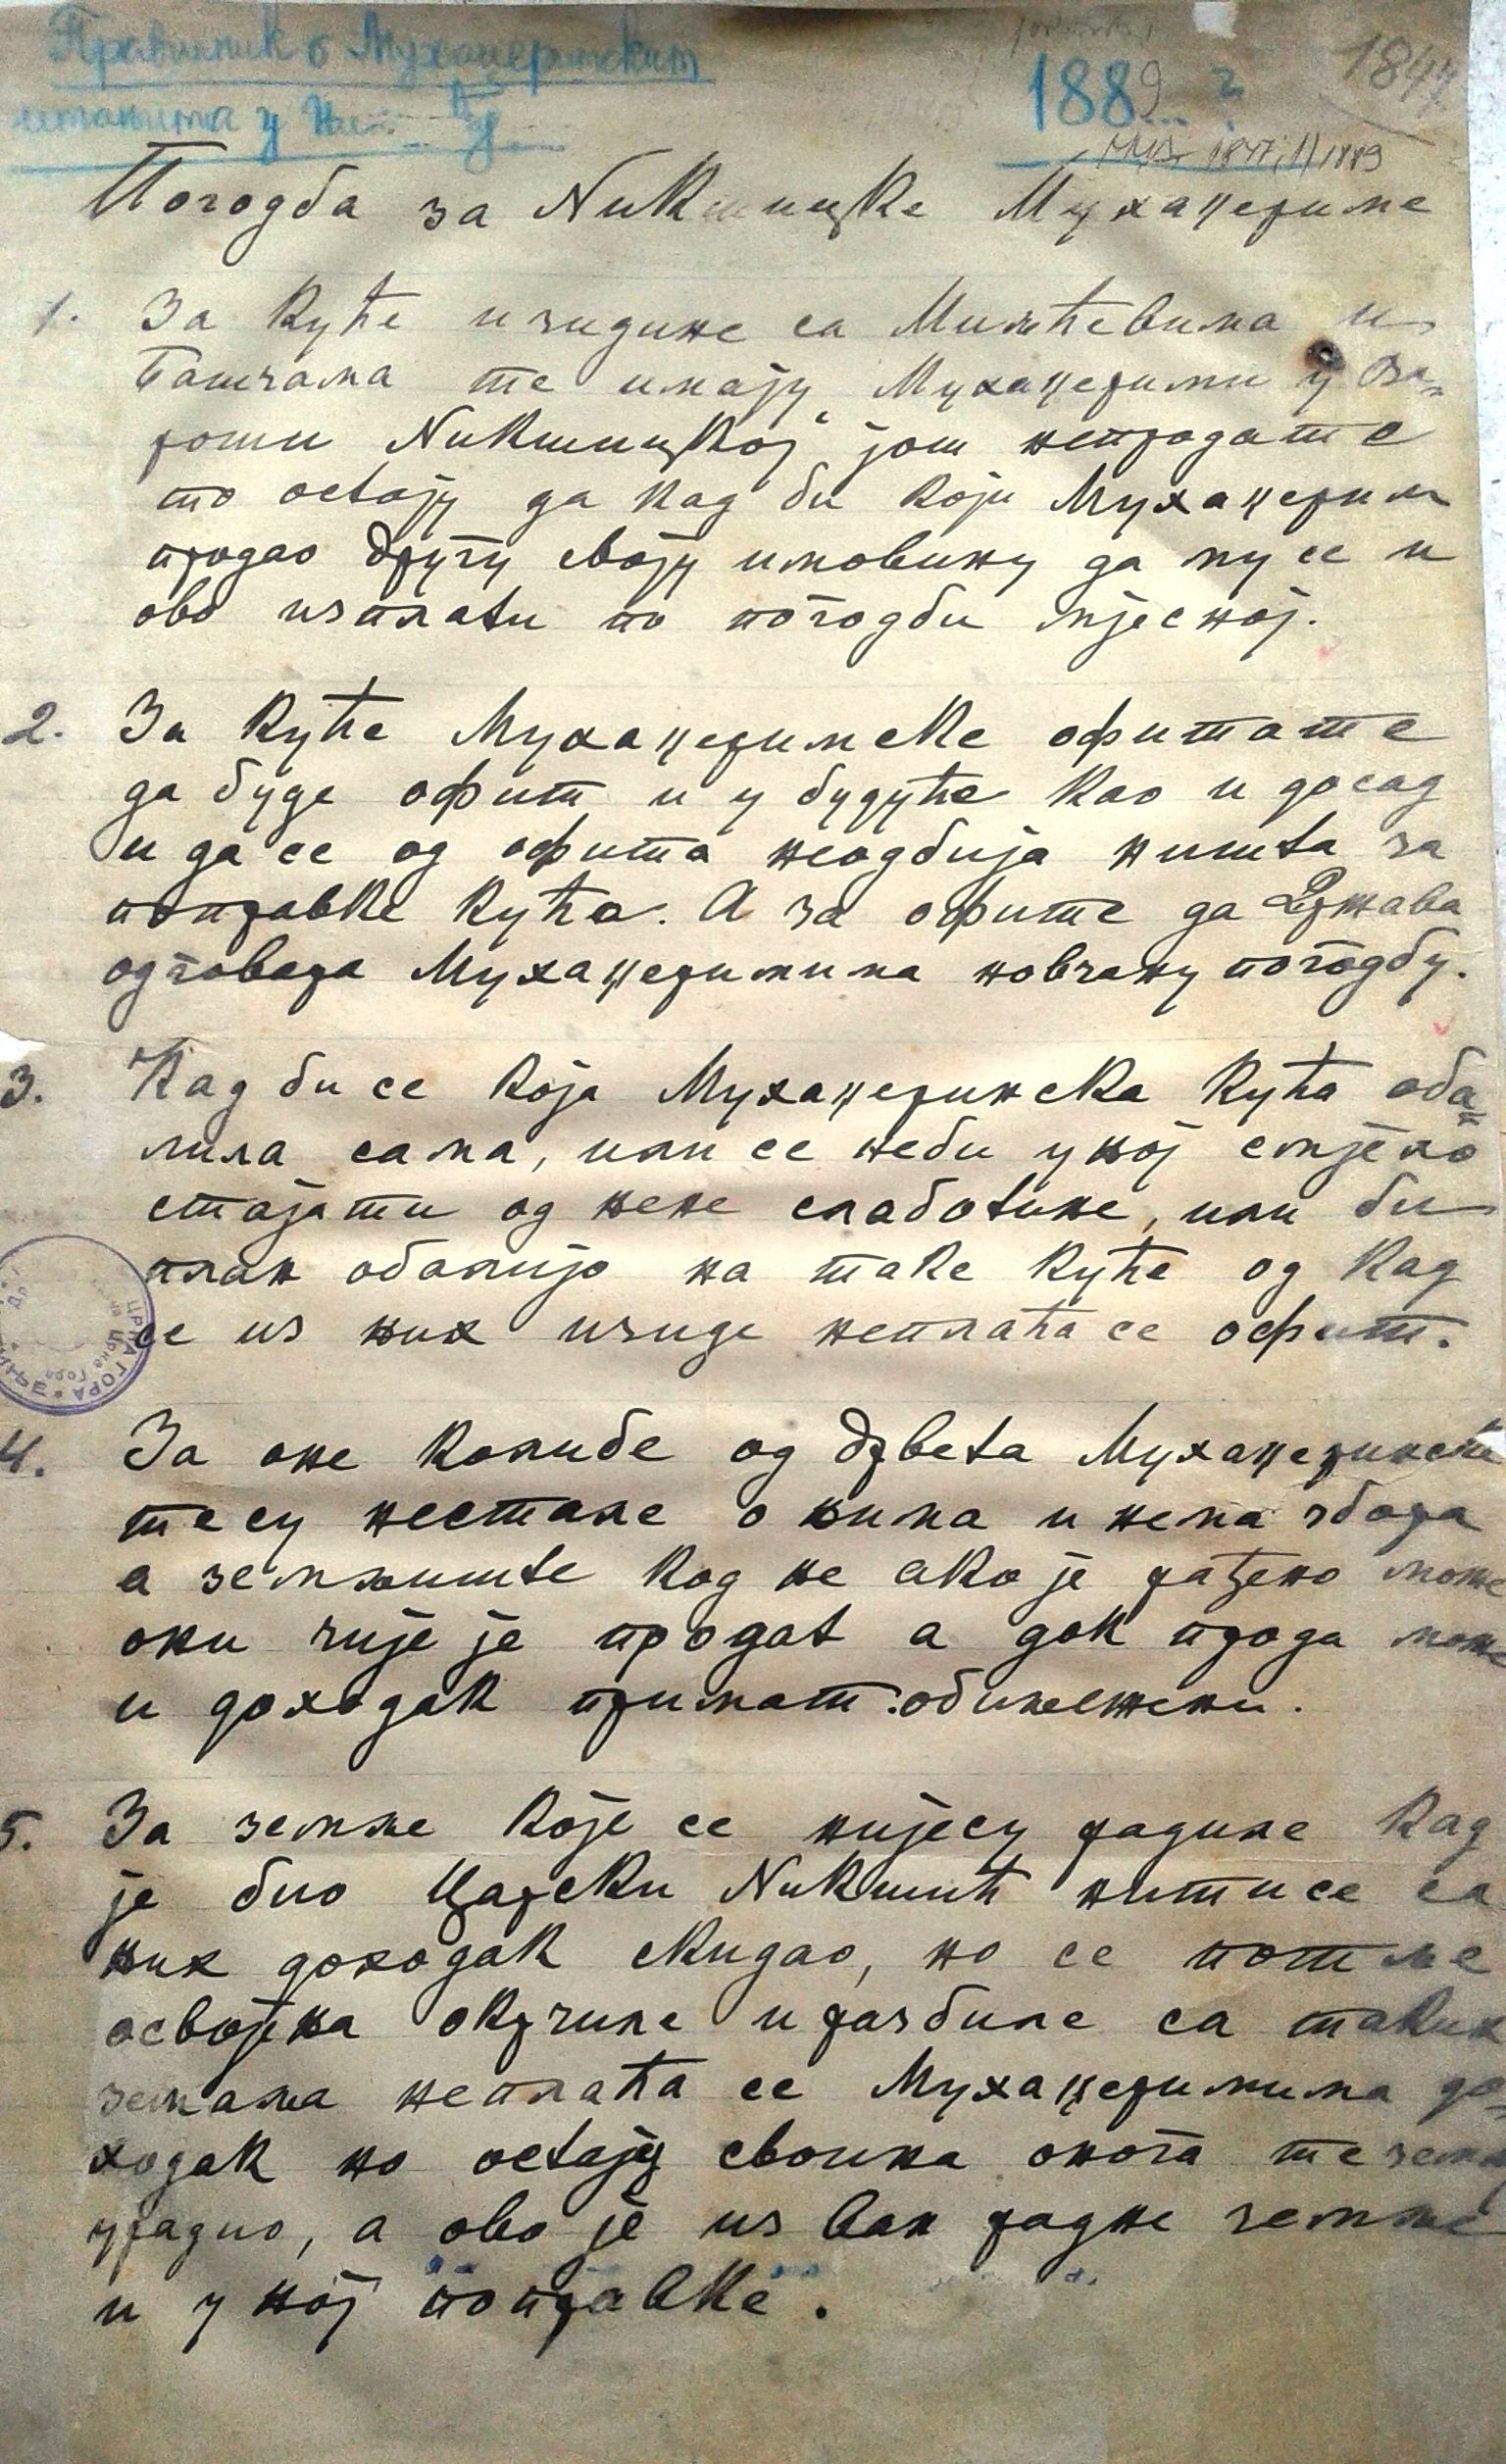 Pogodba sa turskim iseljenicima Niksica u vezi njihovih imanja 1889. godina